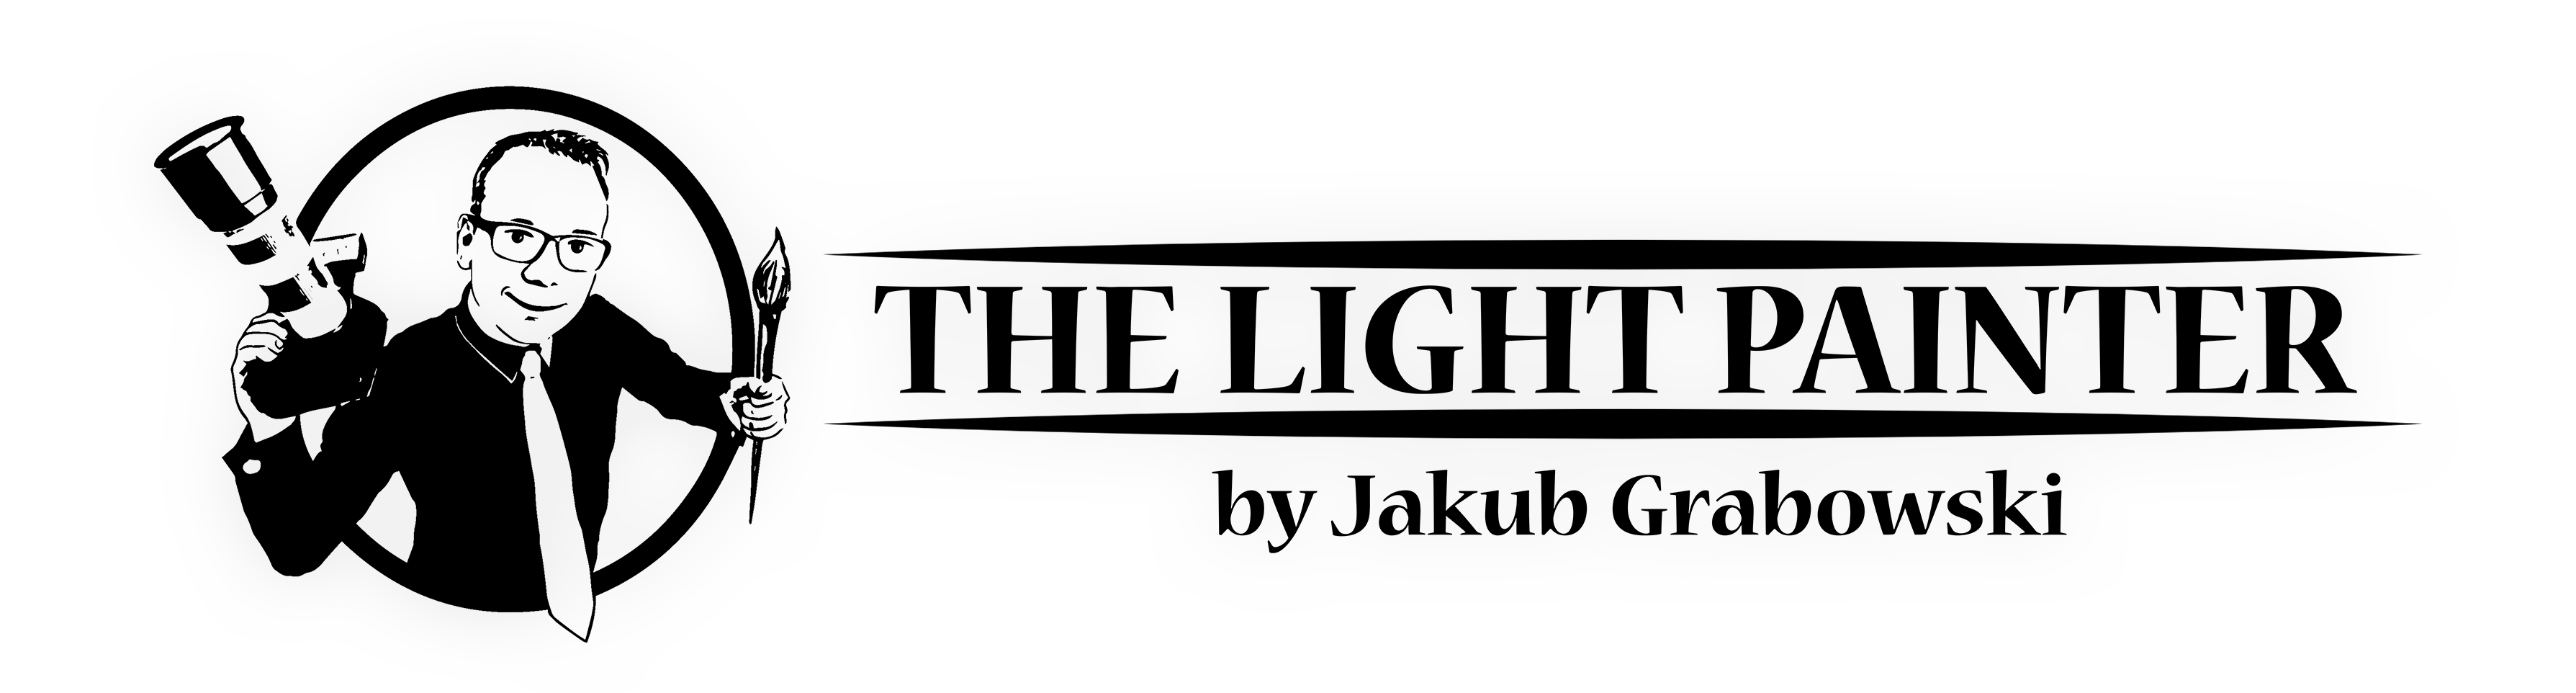 Jakub Grabowski The Light Painter, fotografia kreatywnie oświetlona.